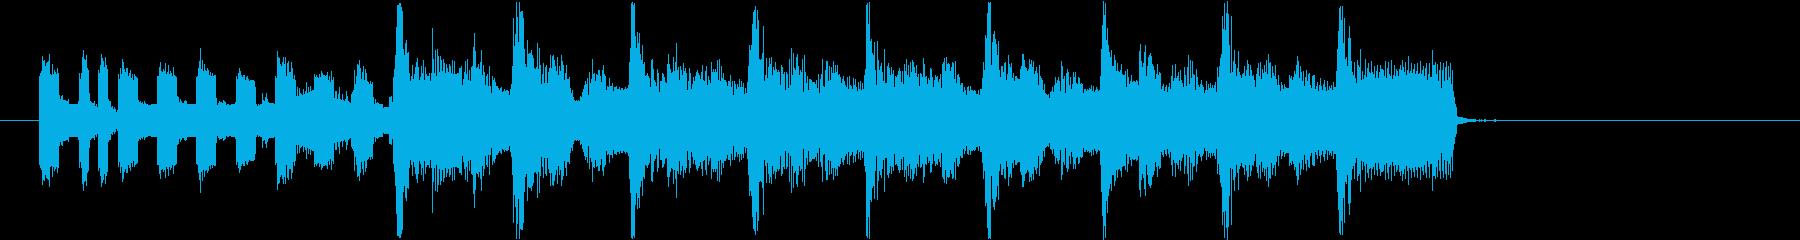 レトロゲーム風のハッピーなジングル!の再生済みの波形